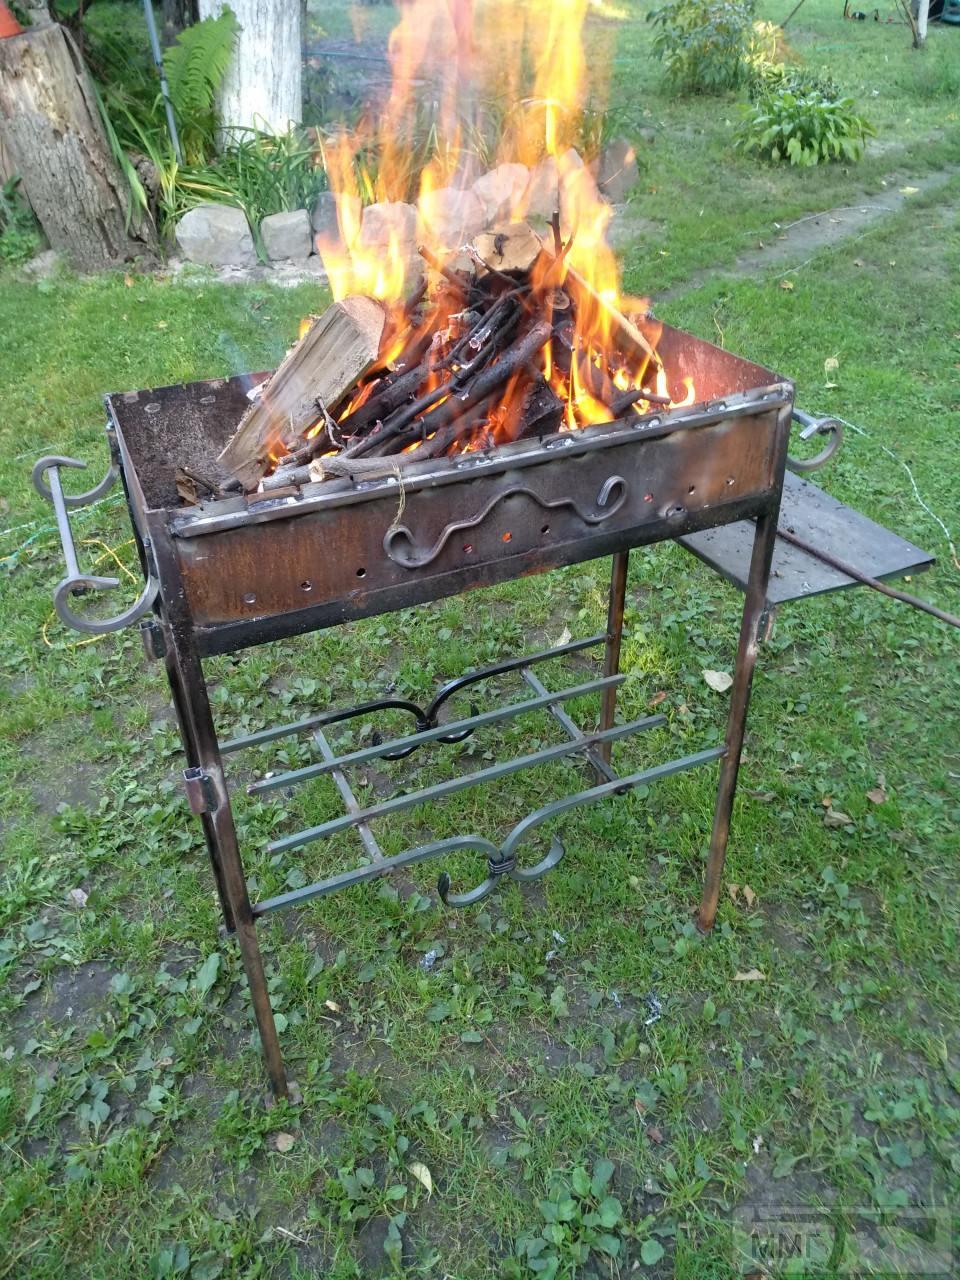 71722 - Закуски на огне (мангал, барбекю и т.д.) и кулинария вообще. Советы и рецепты.